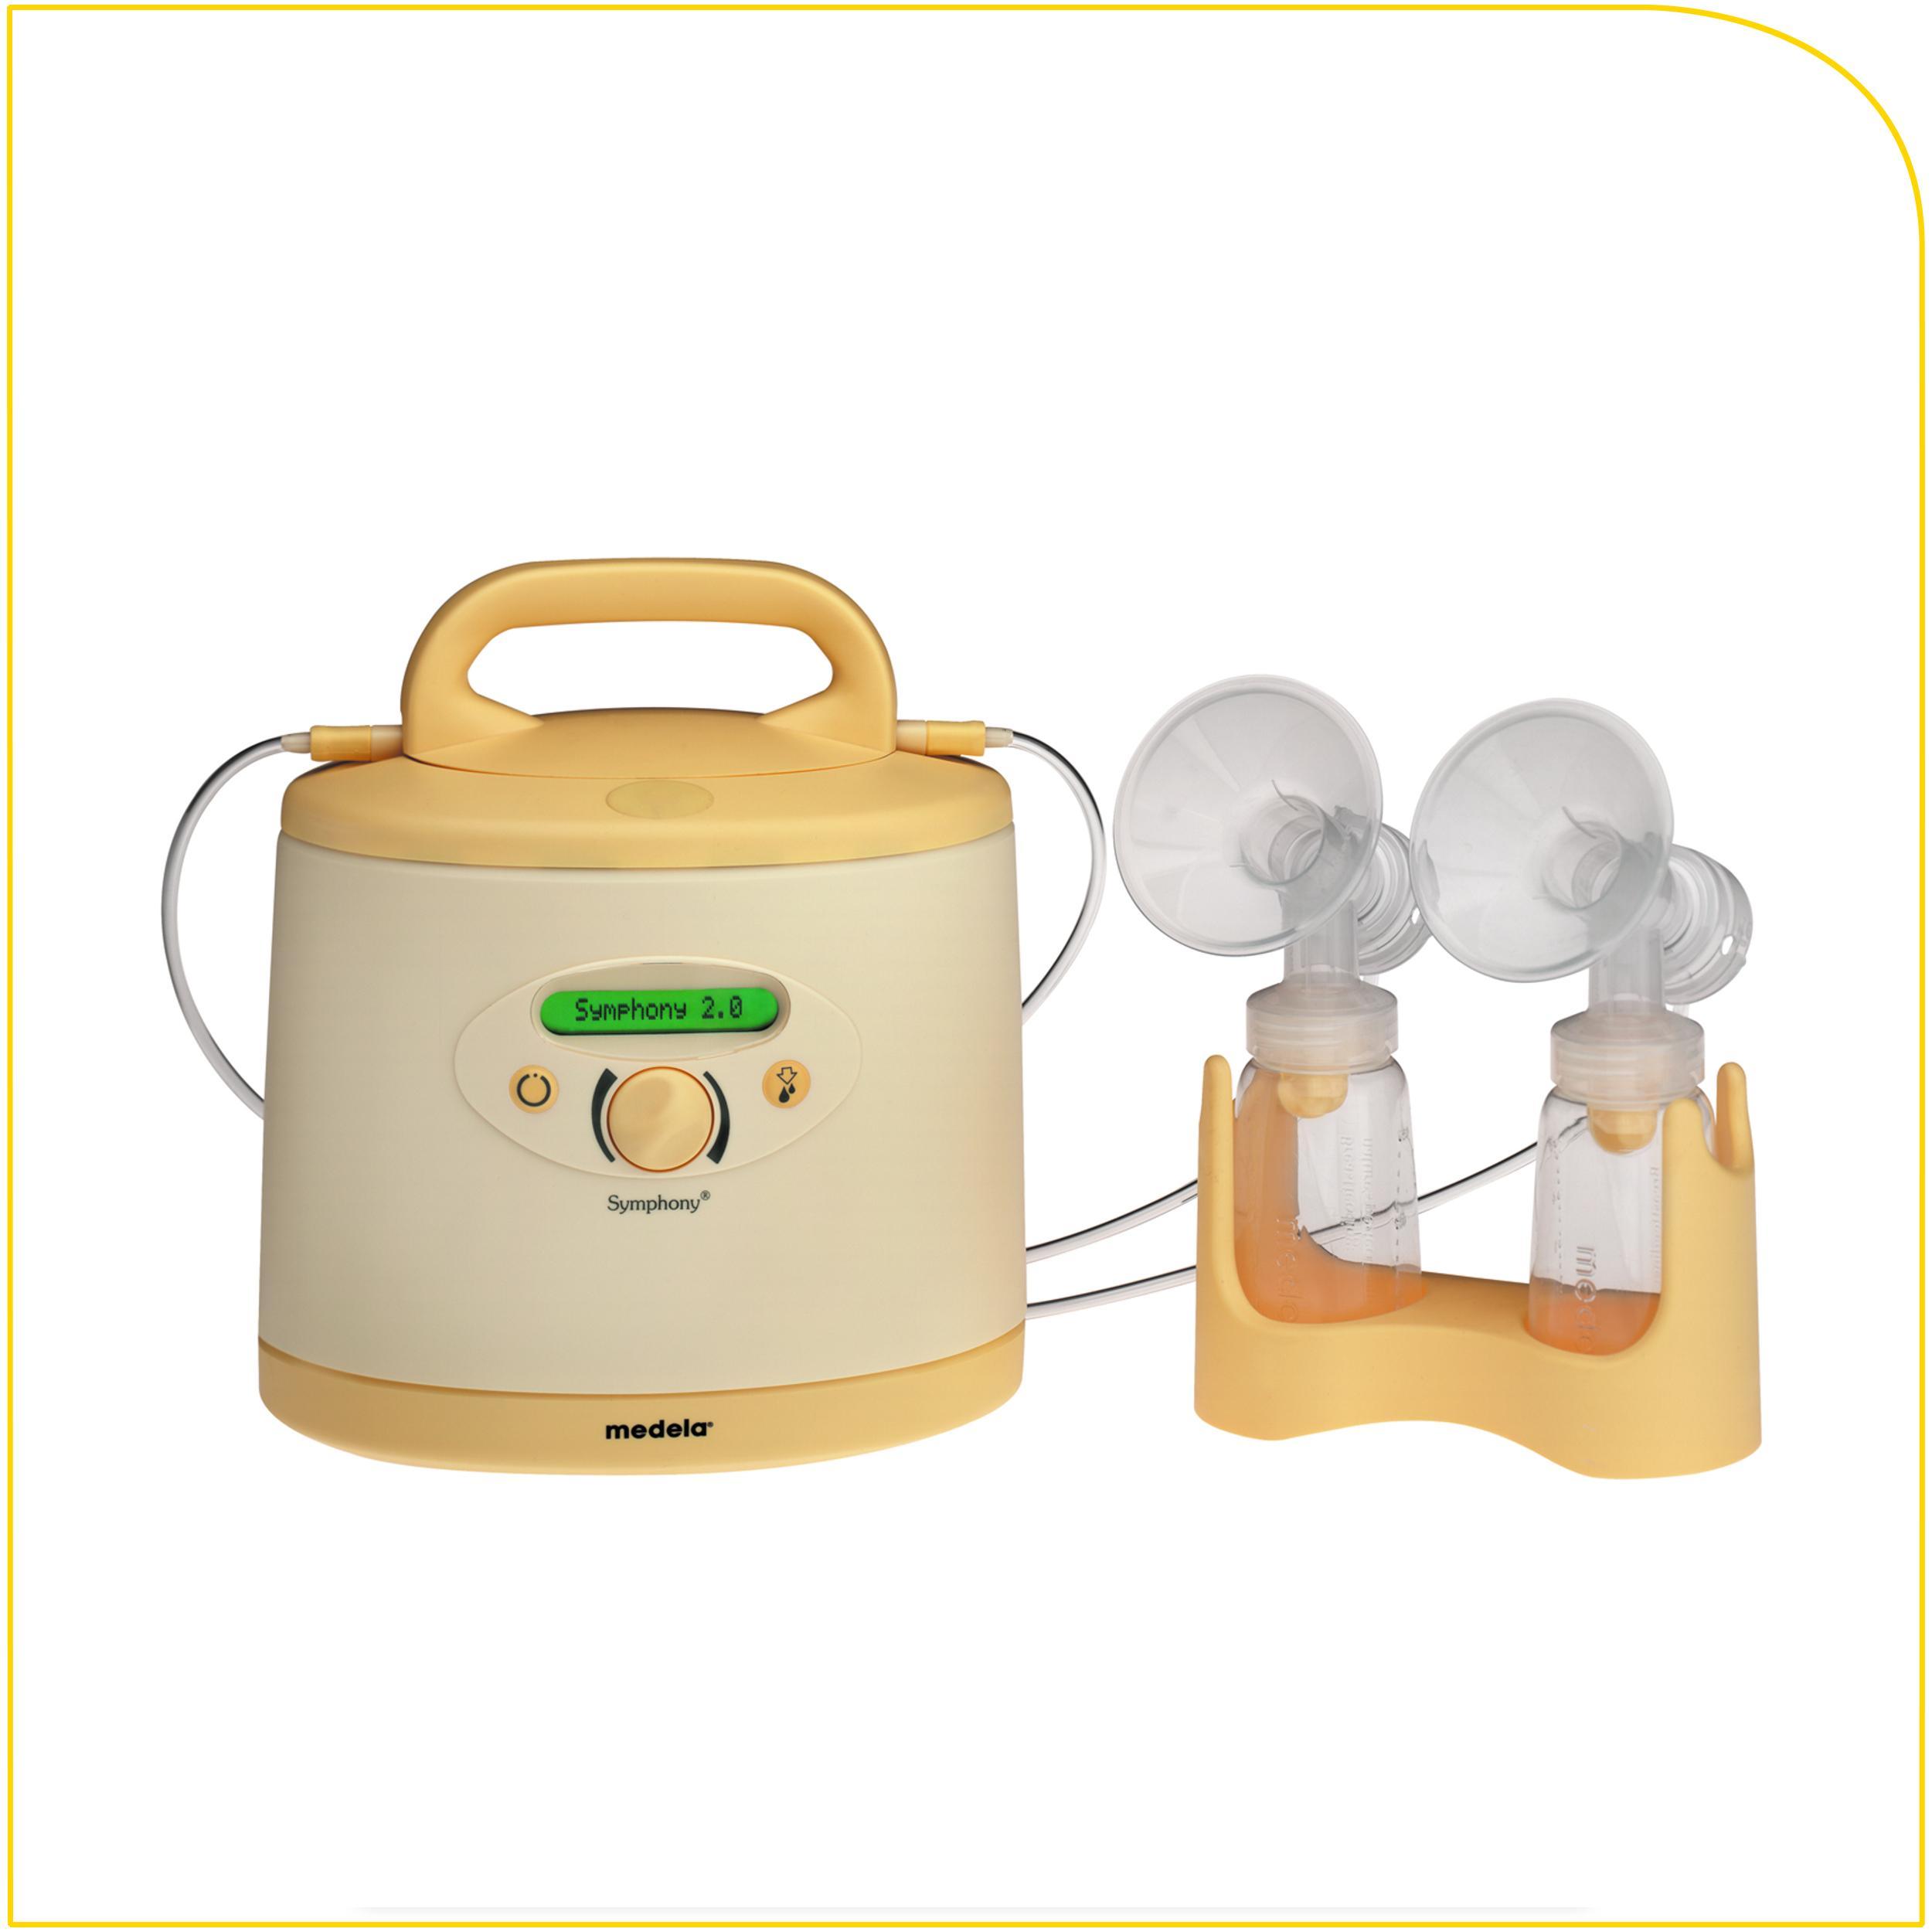 Medela Symphony Breast Pump Amazonca Baby-8742